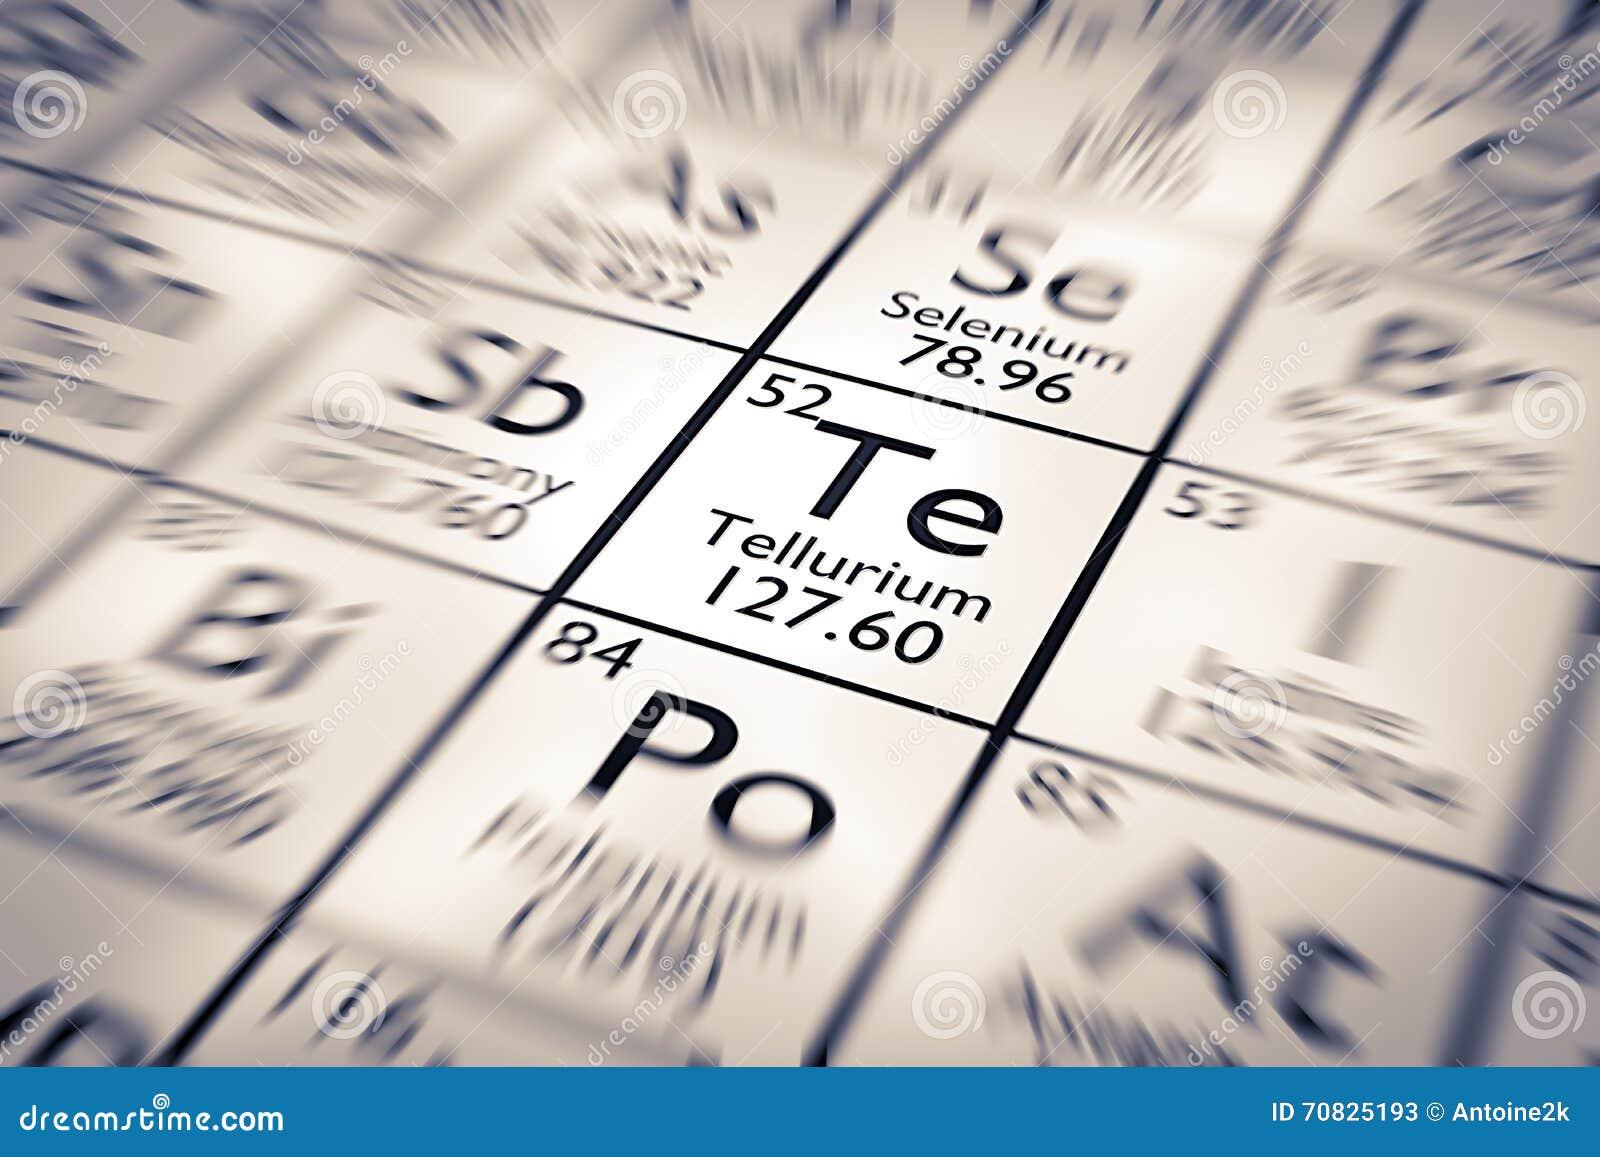 Focus On Tellurium Chemical Element Stock Illustration